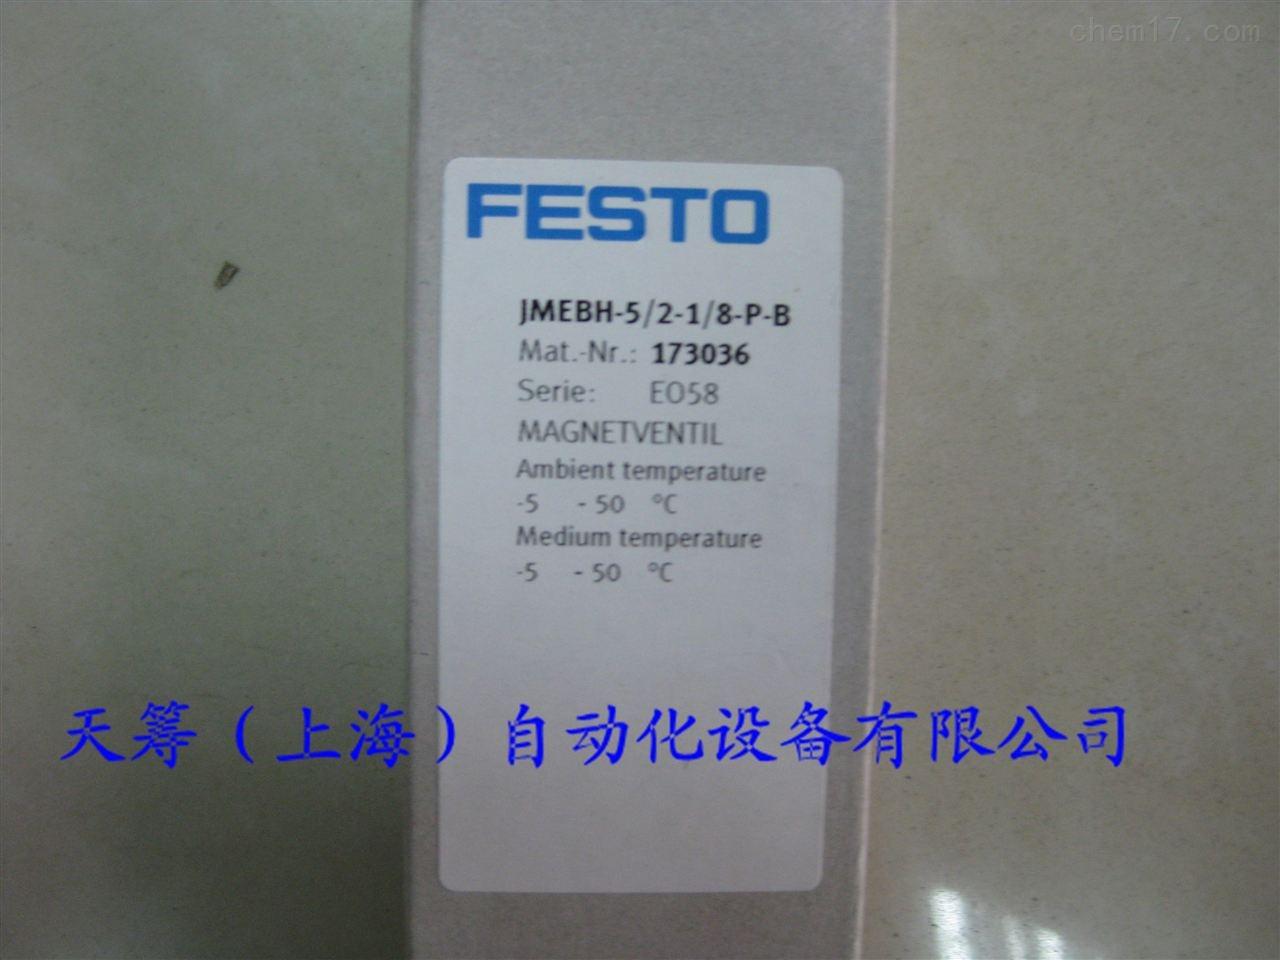 FESTO电磁阀JMEBH-5/2-1/8-P-B